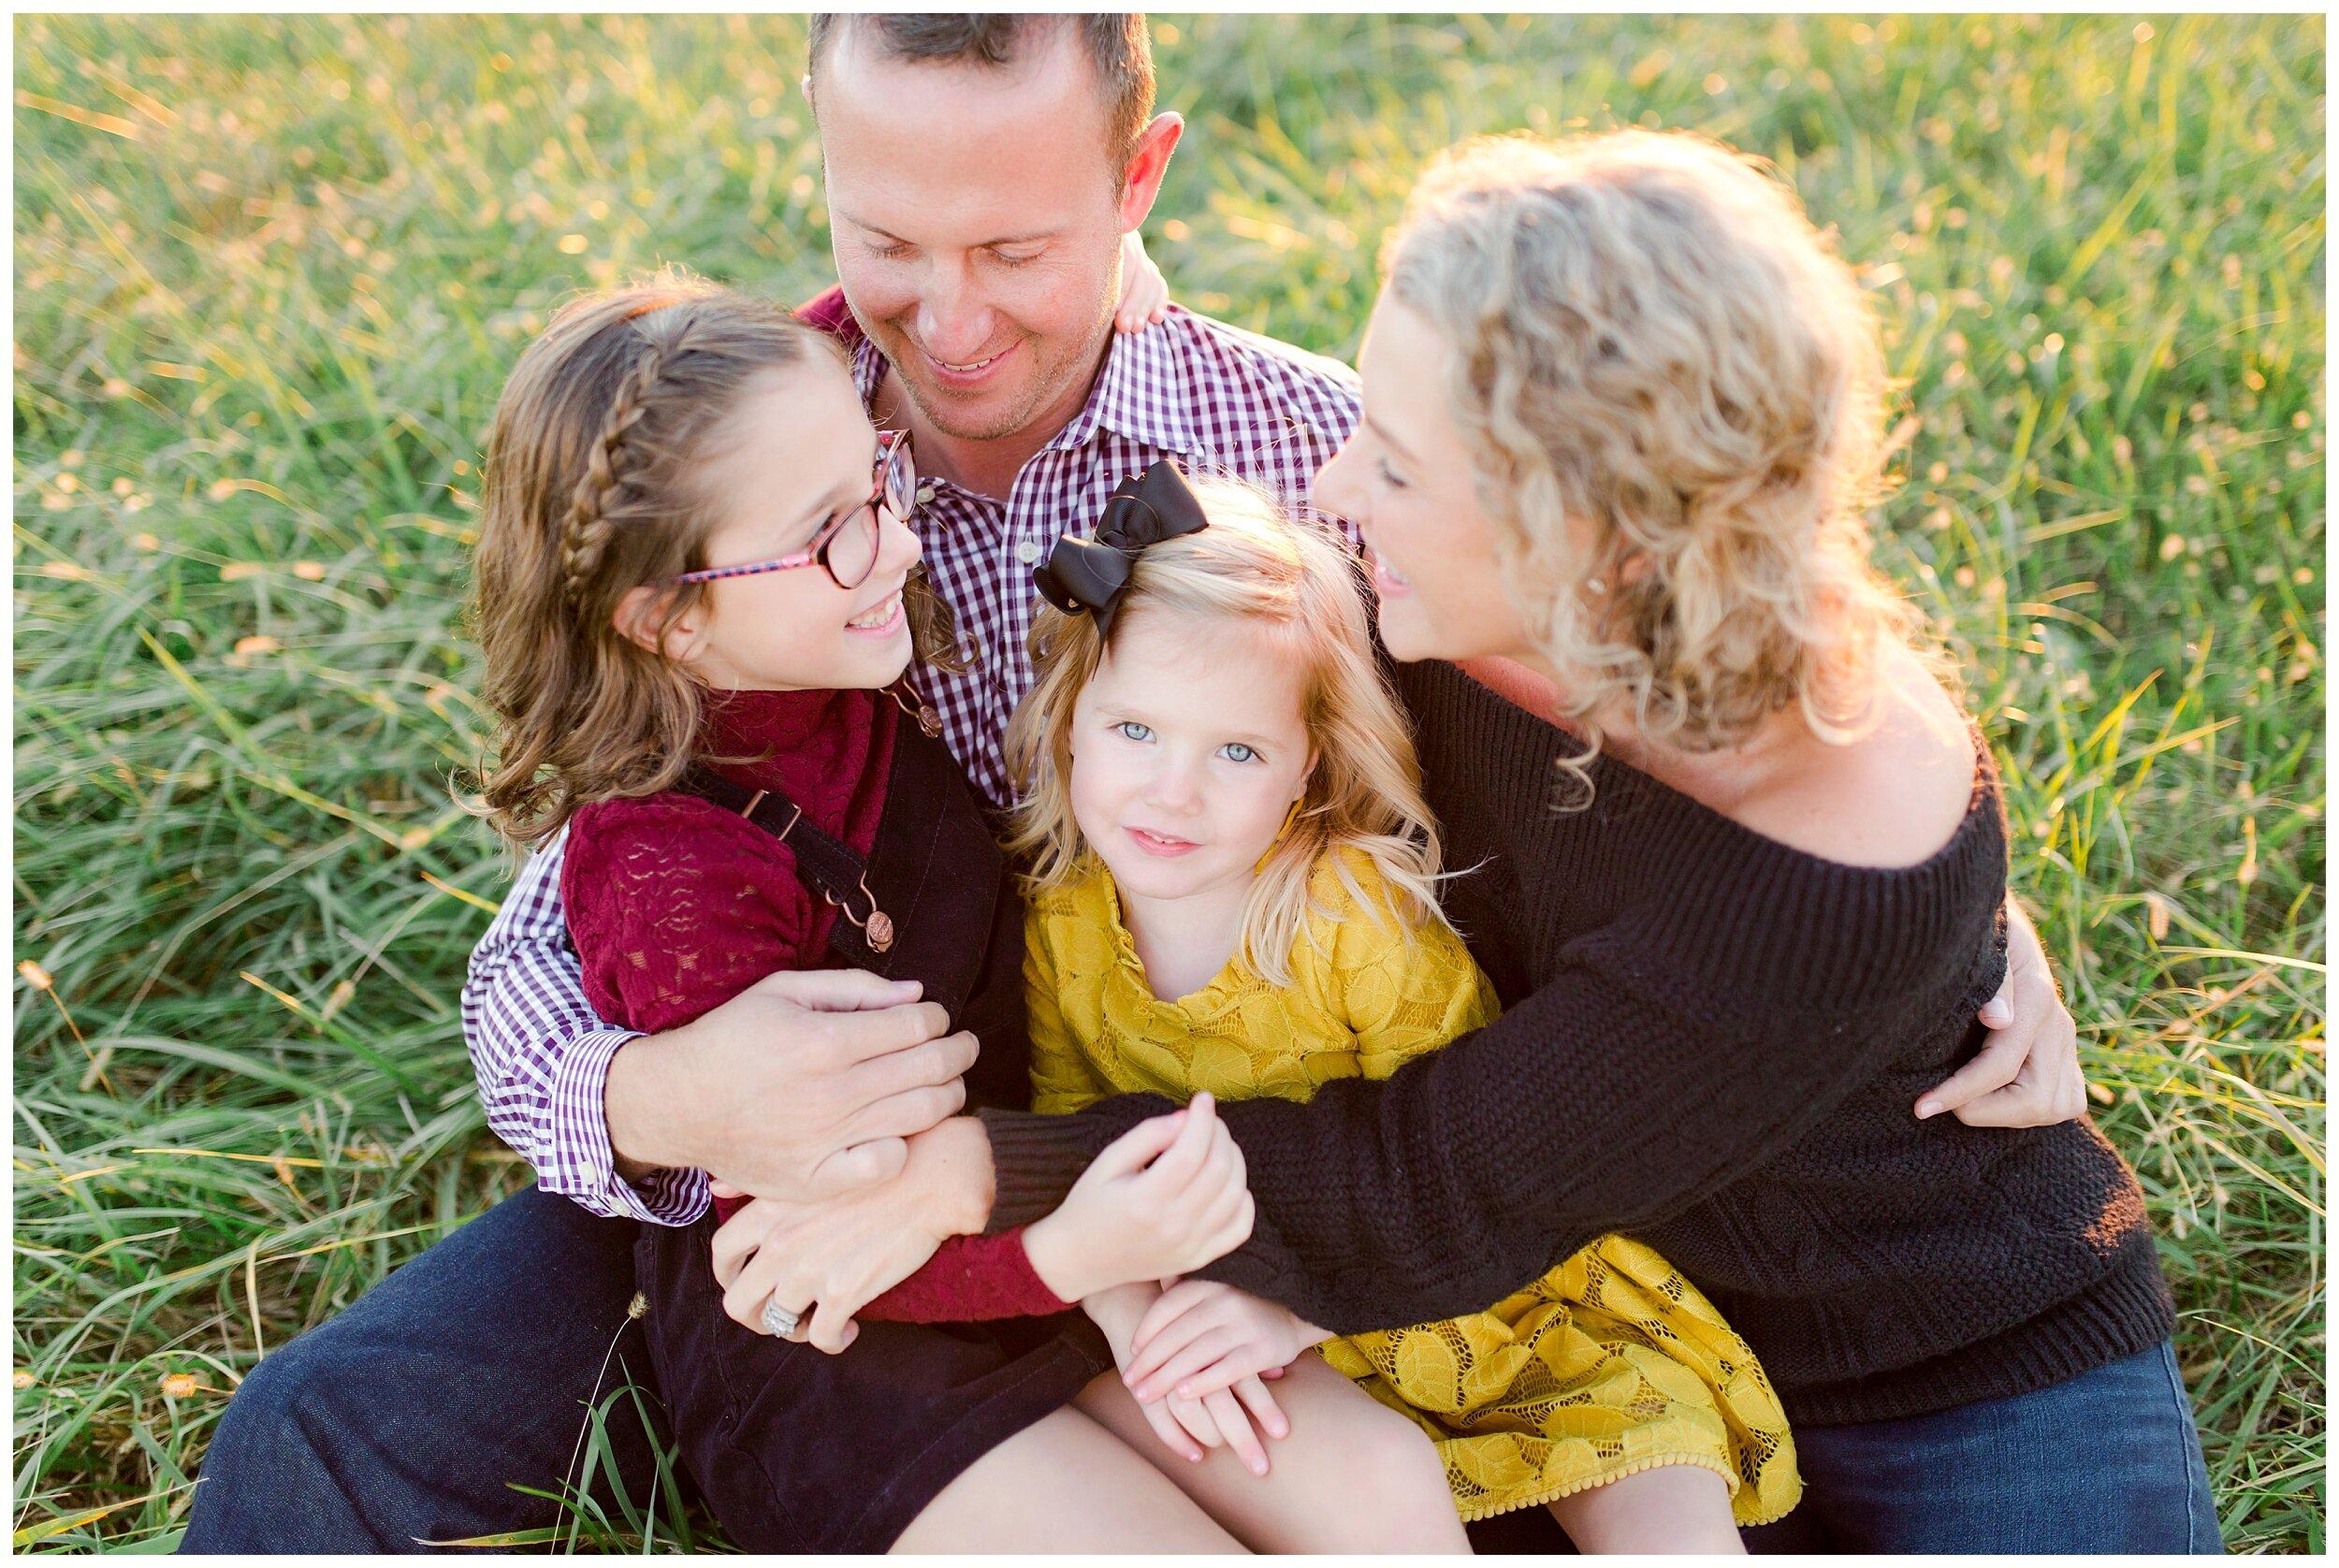 lexington-ky-family-lifestyle-photos-by-priscilla-baierlein_0954.jpg